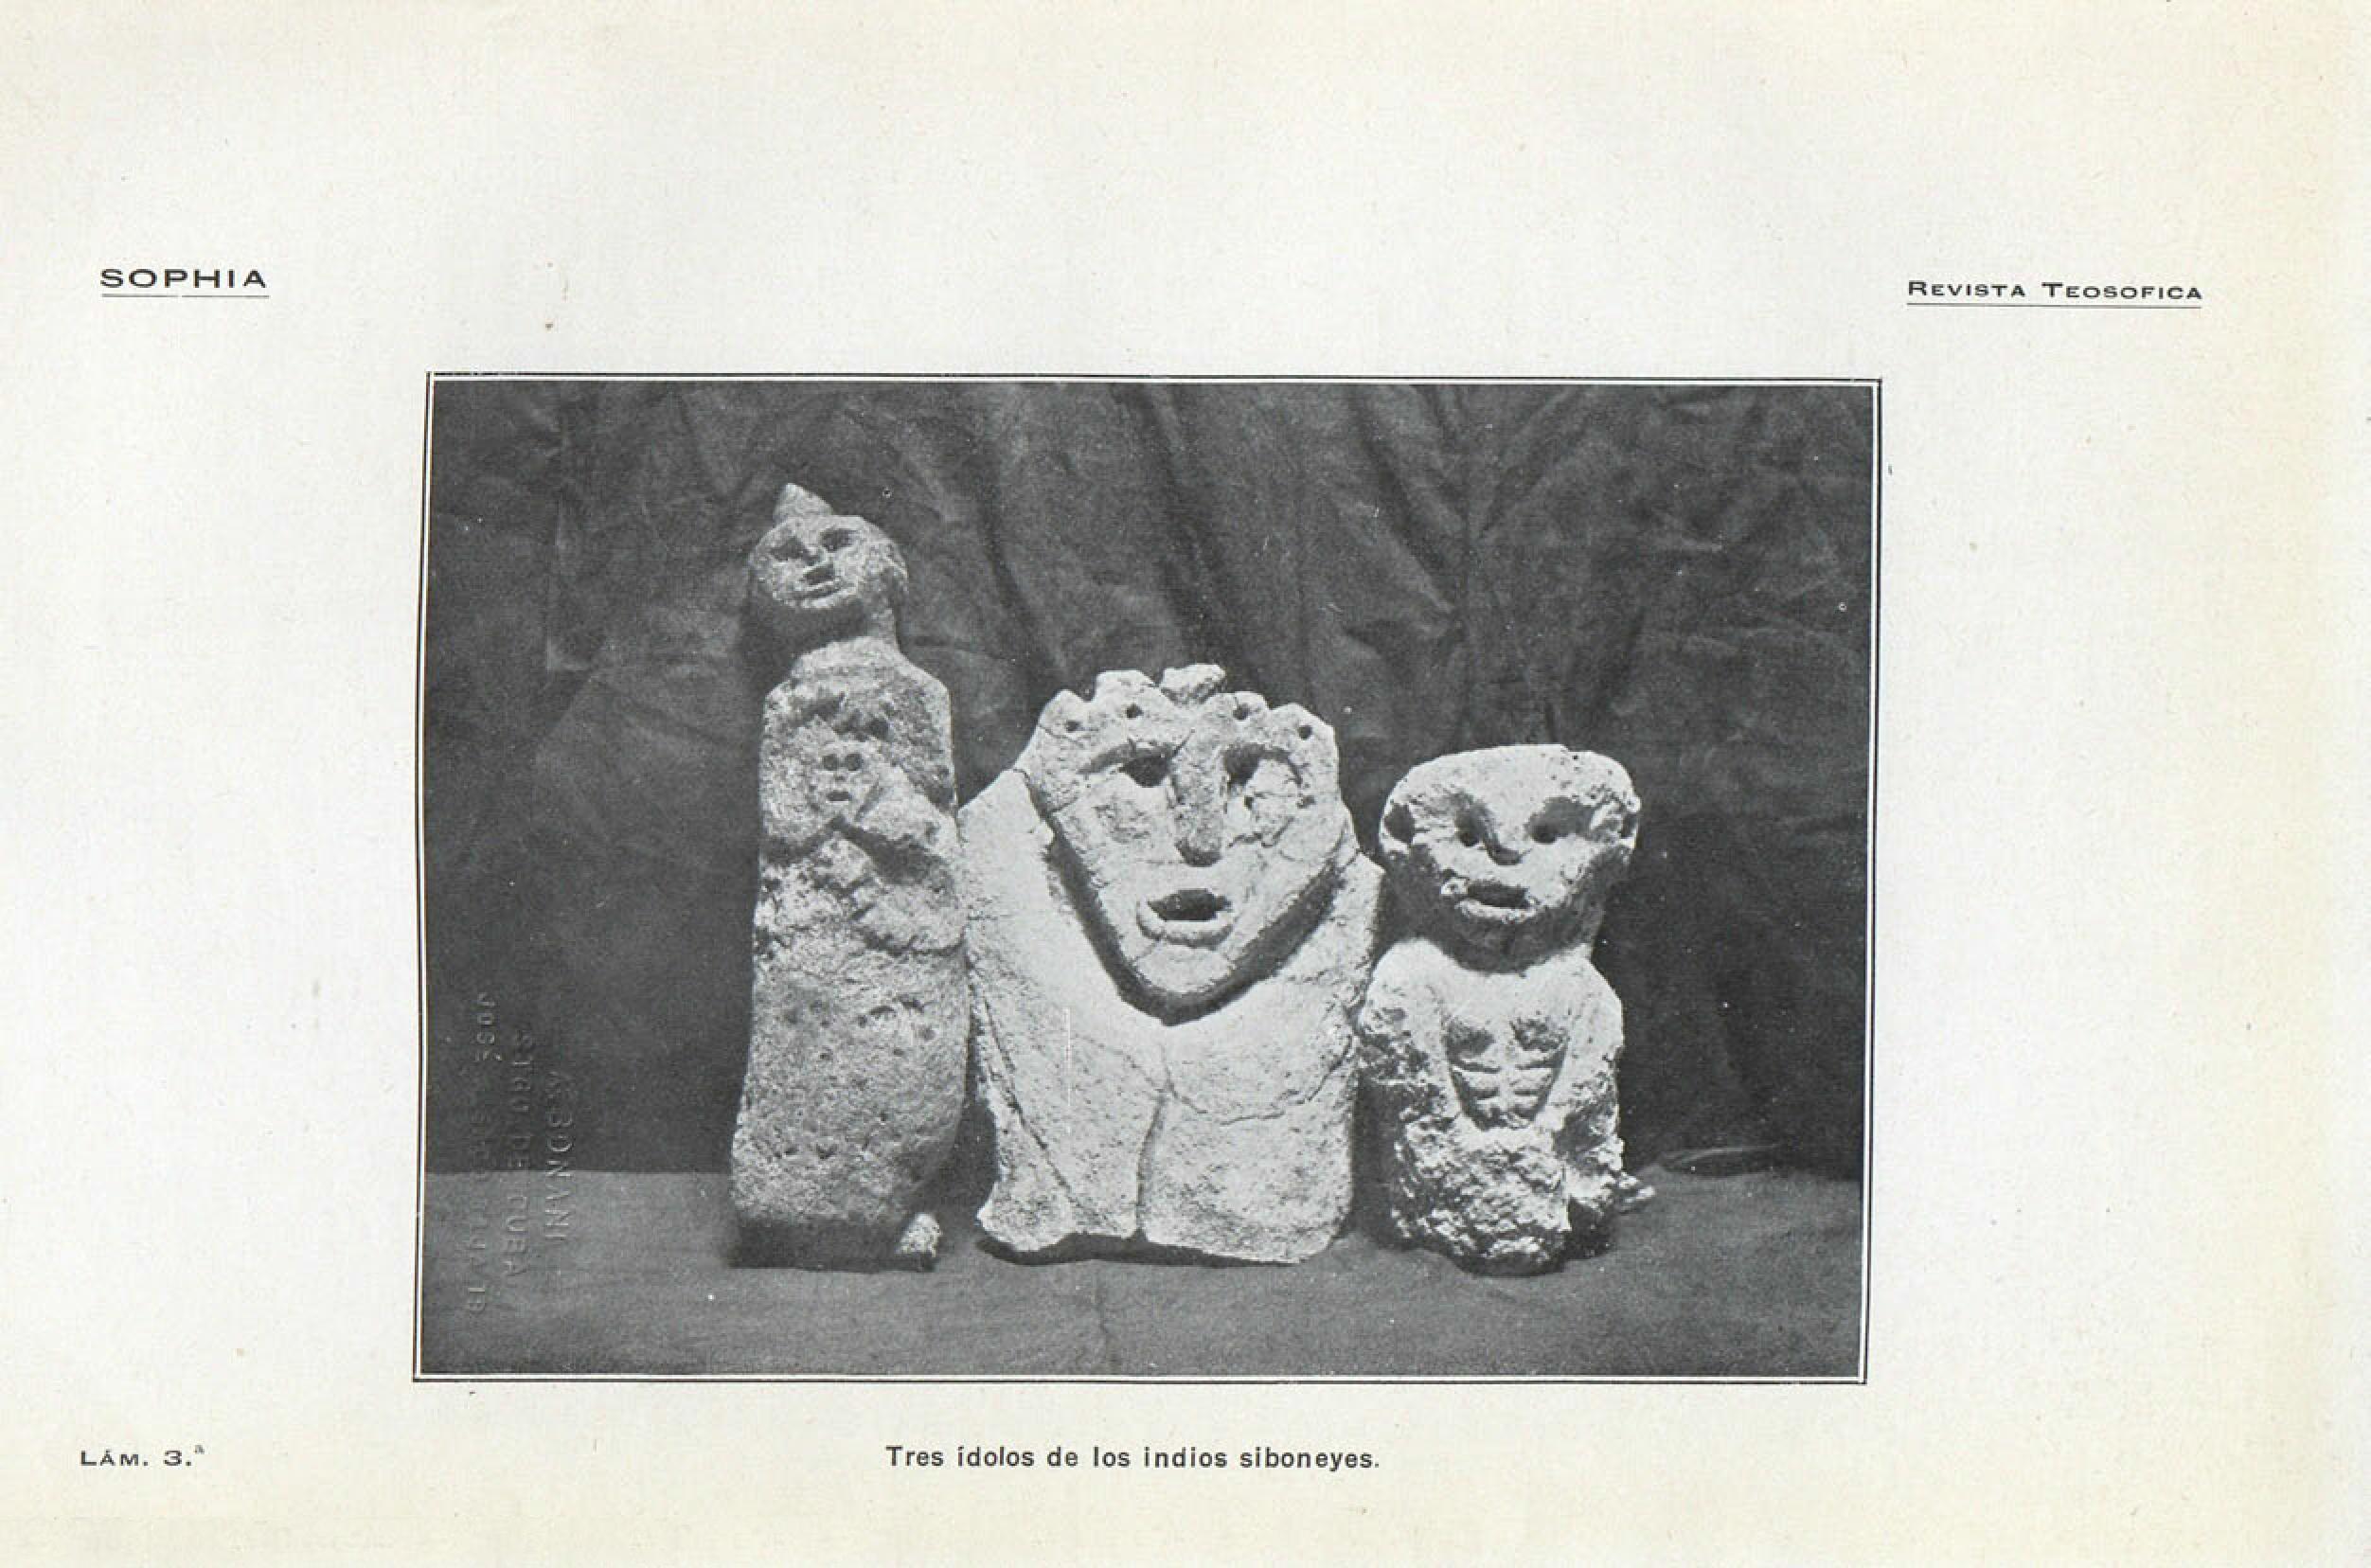 Archivo:Tres ídolos de los indios siboneyes, Sophia, septiembre ...